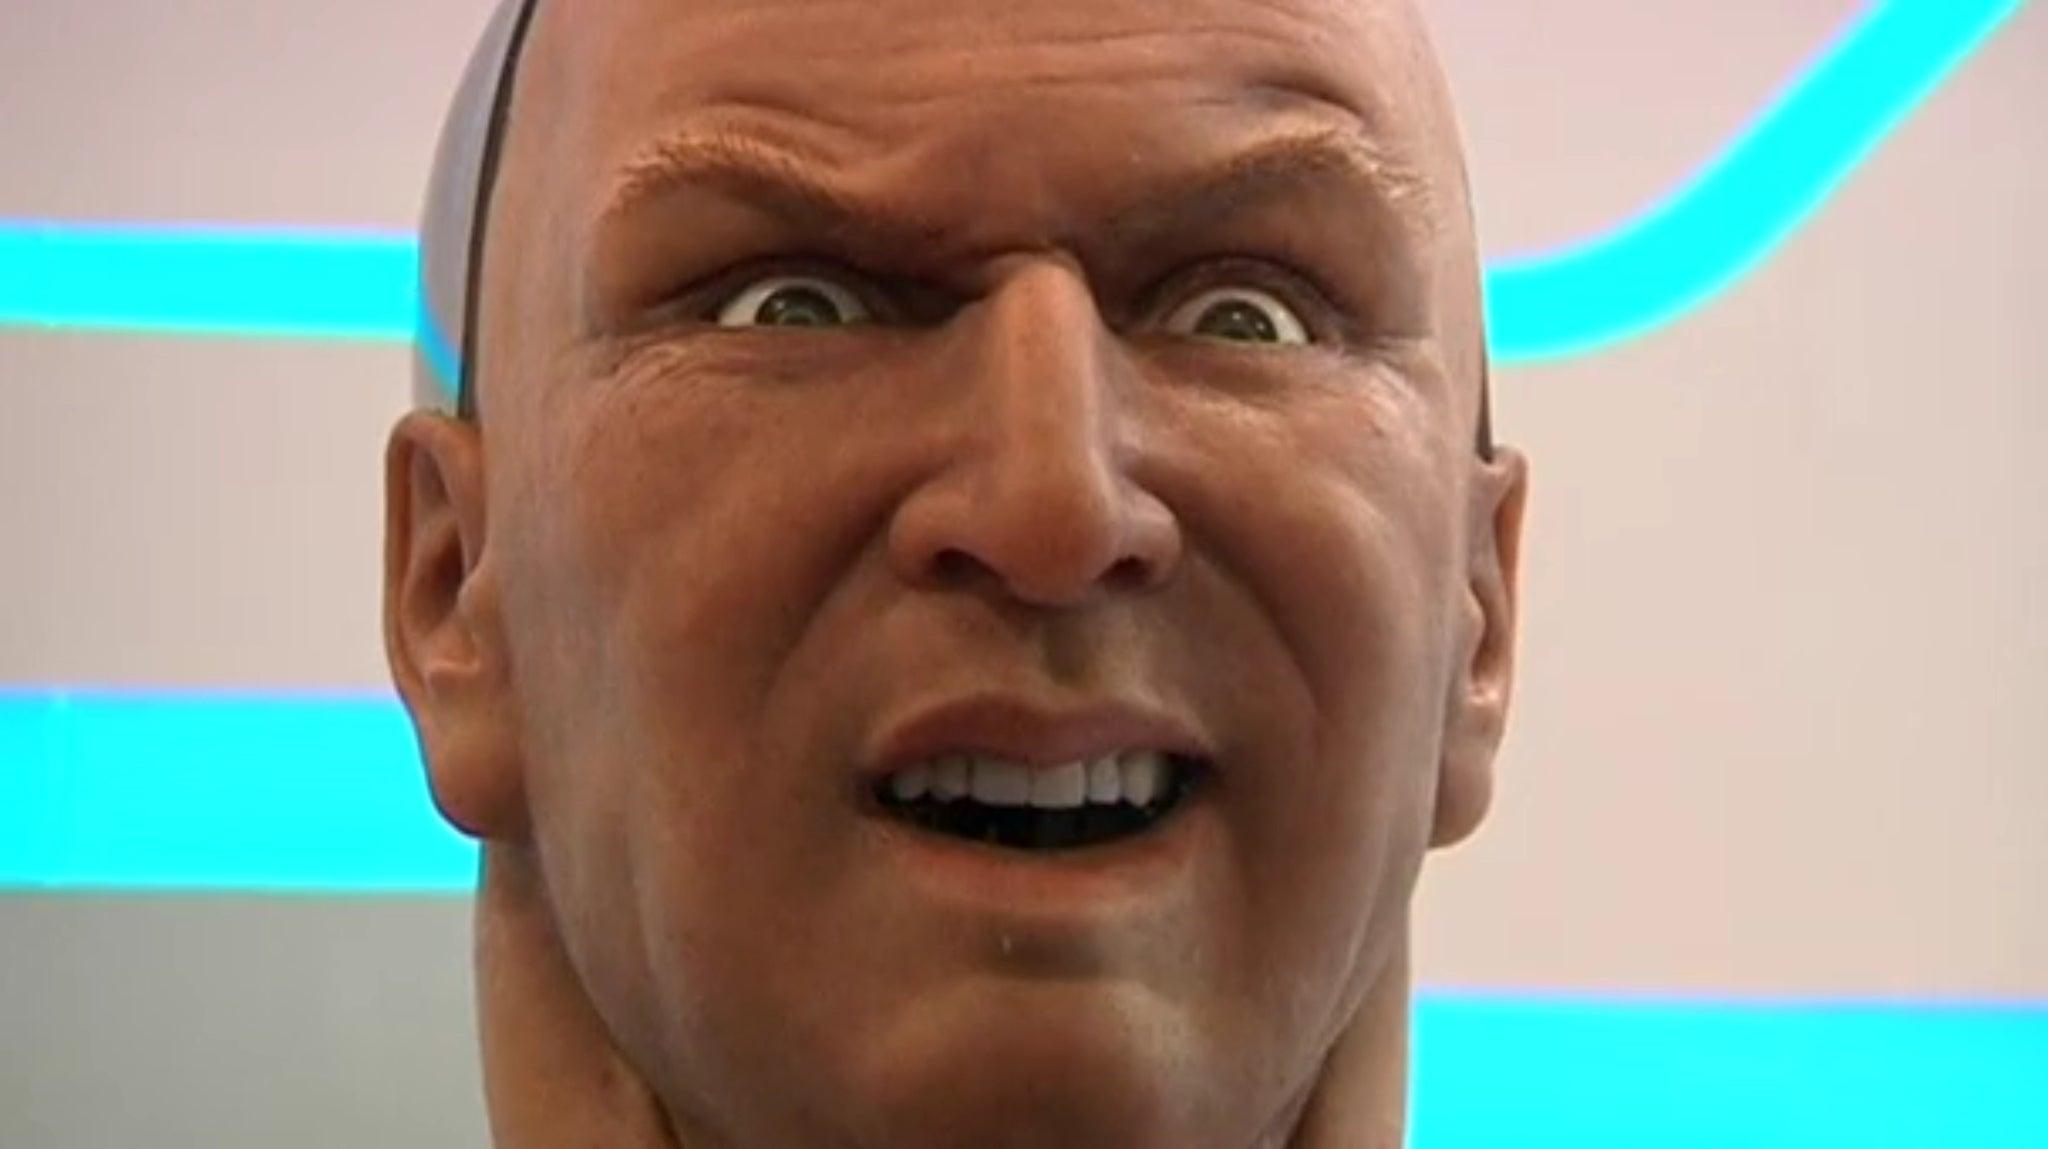 Creepy Robot That Imitates Facial Expressions May Soon Greet You At Hotels